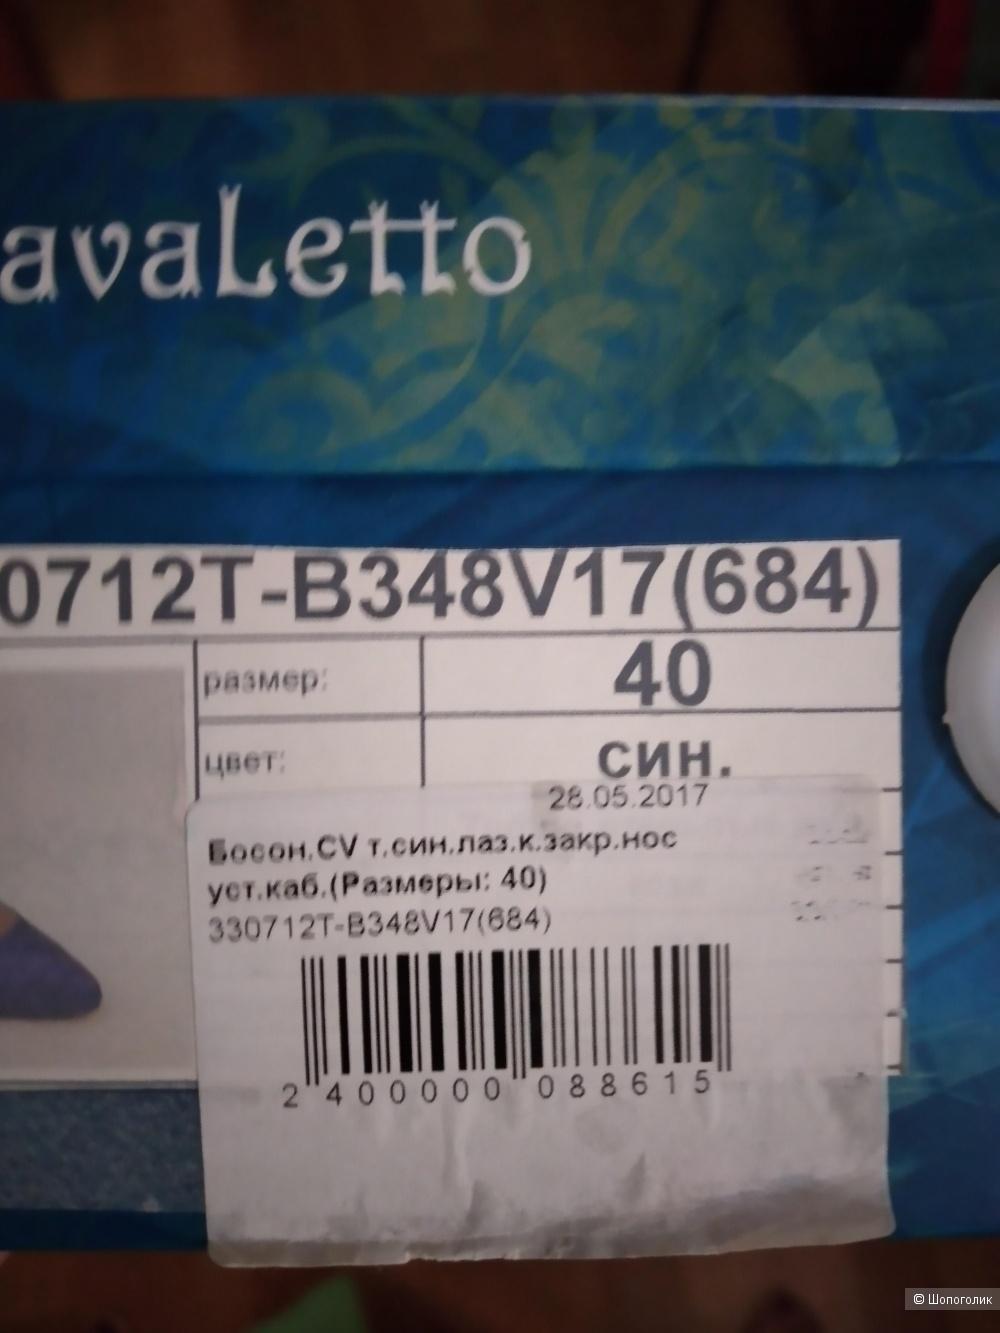 Туфли Cavaletto 40 размер